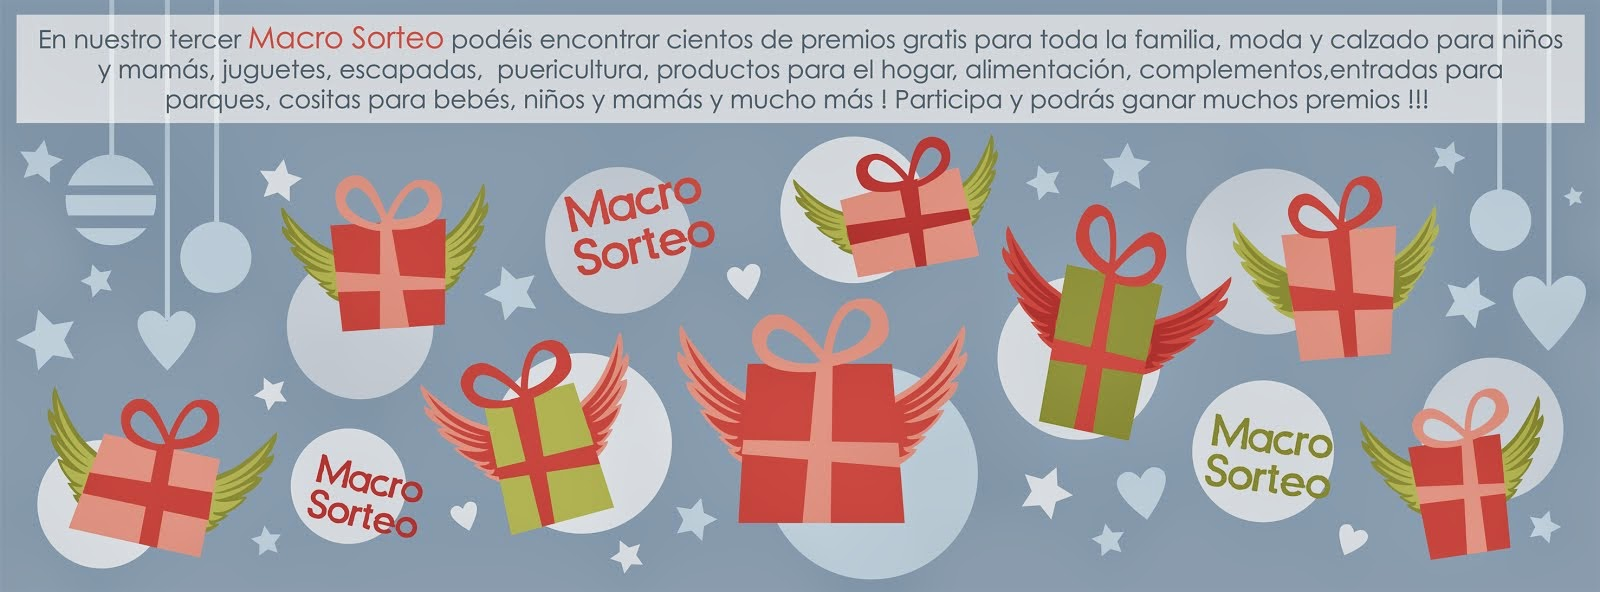 3er Macro Sorteo. Participa y Gana premios GRATIS!